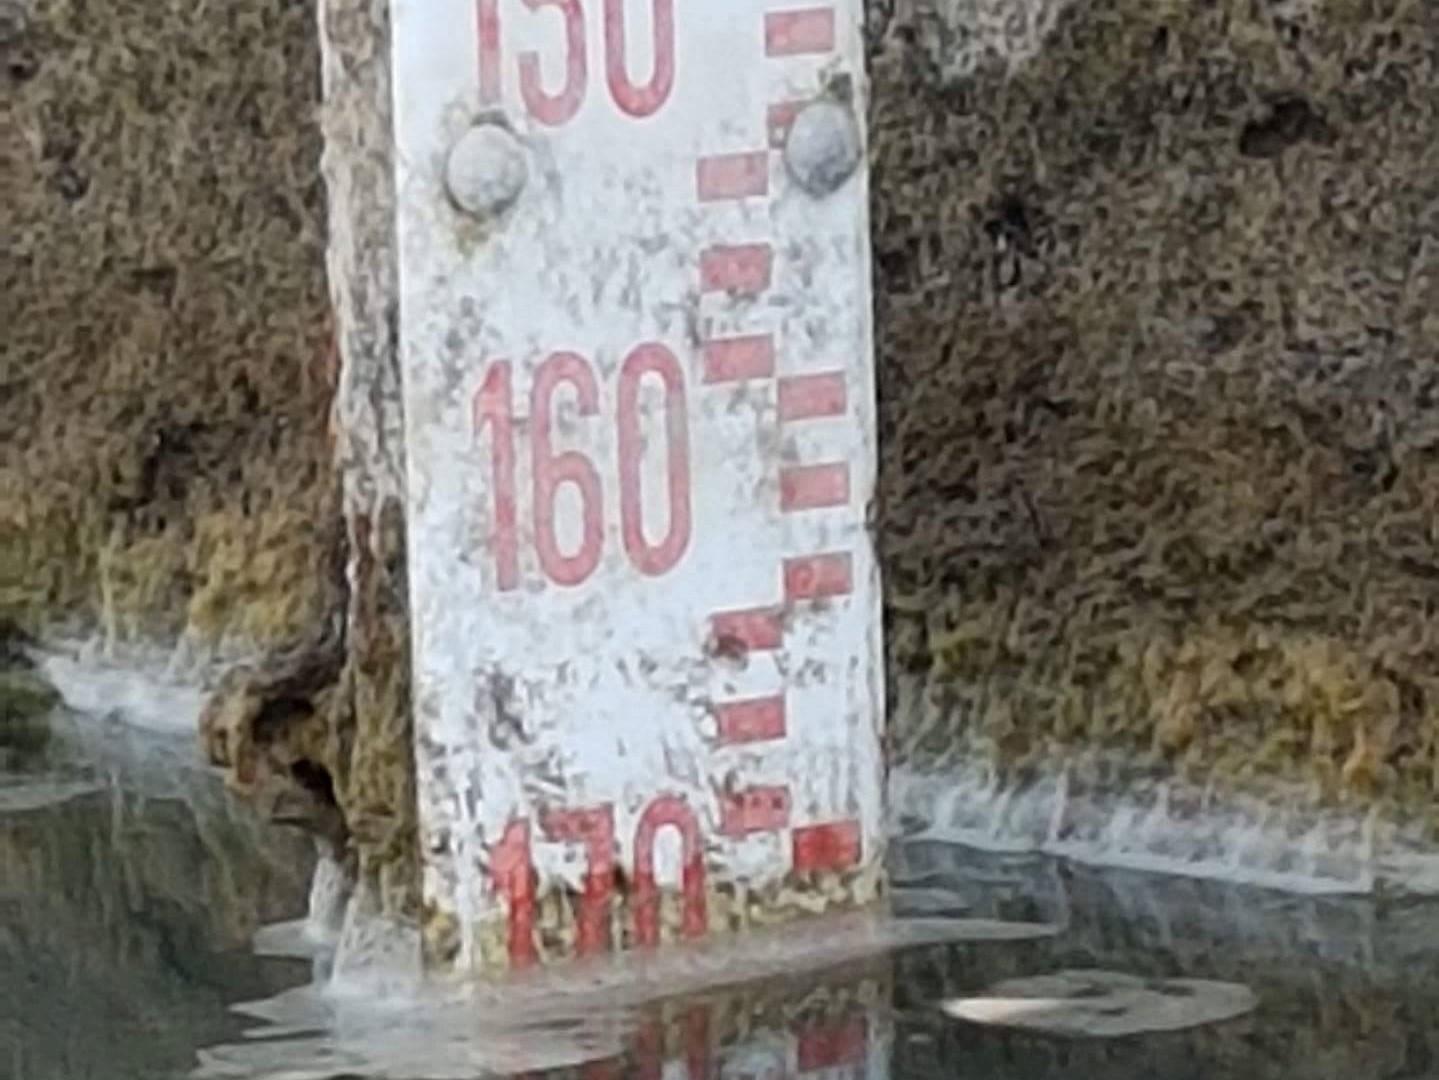 Dalle misurazioni del 4 agosto il Lago risulta più o meno uguale. Il livello è a -169